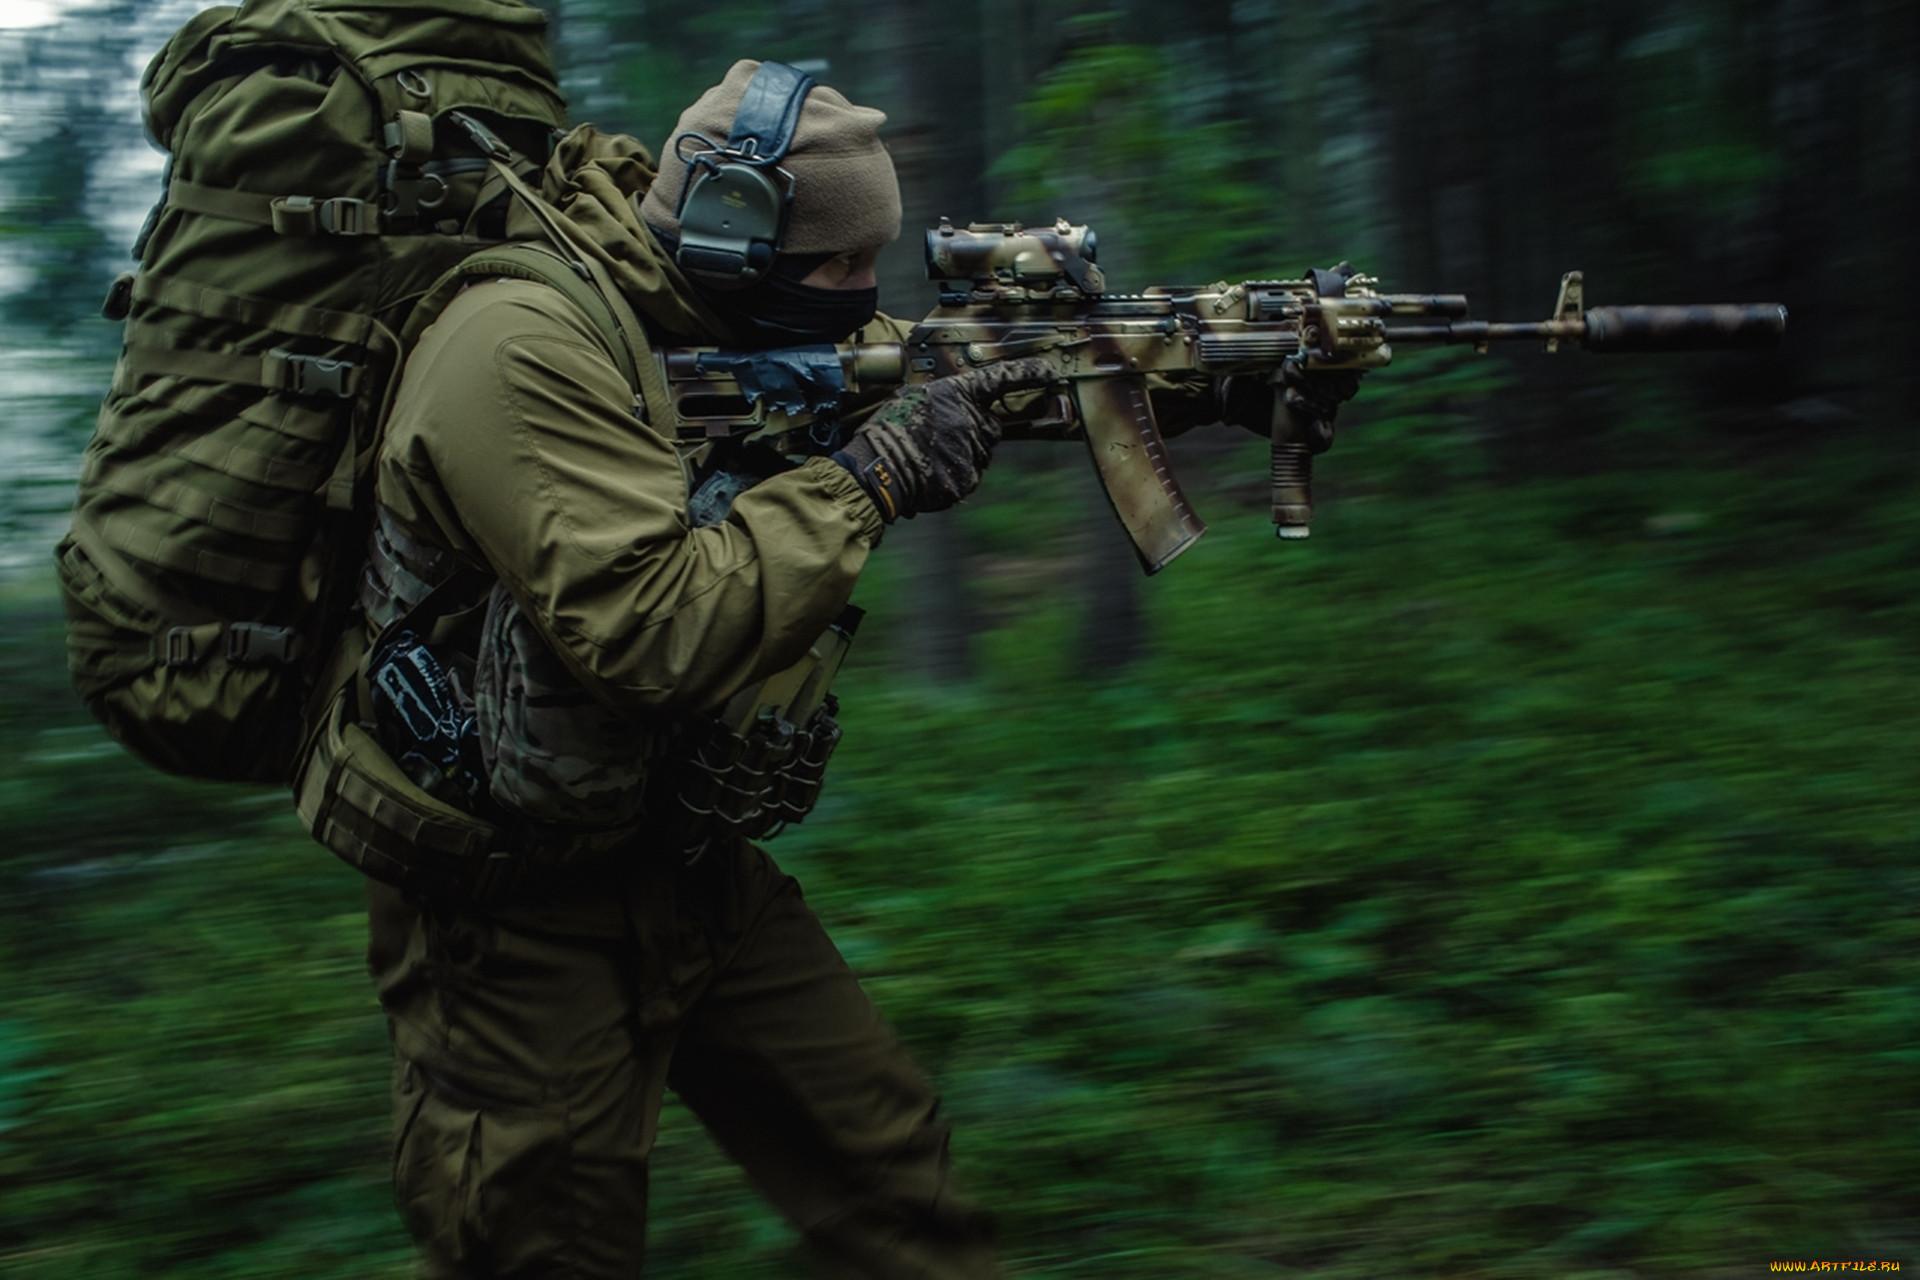 Оружие армия спецназ рюкзак лес